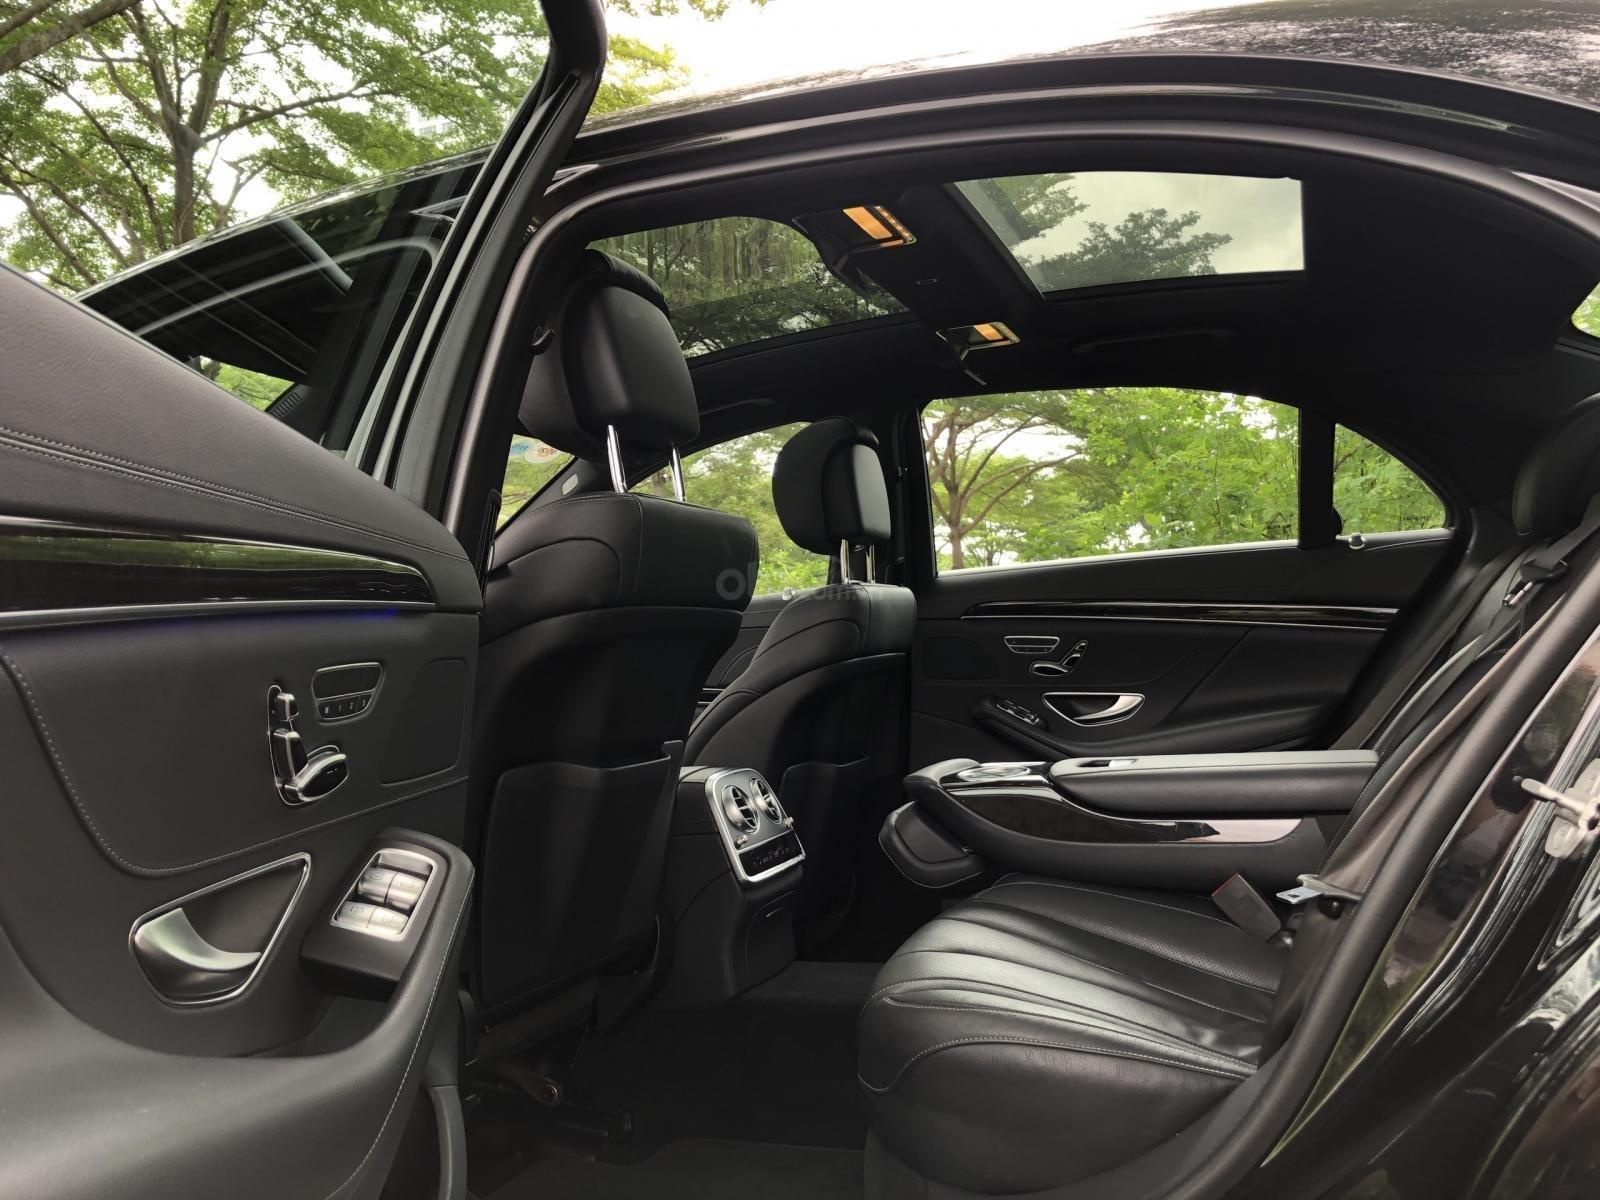 Mercedes Benz S400 SX 2017 ĐK 2017, xe chính hãng còn bảo hành, giá cực tốt (11)